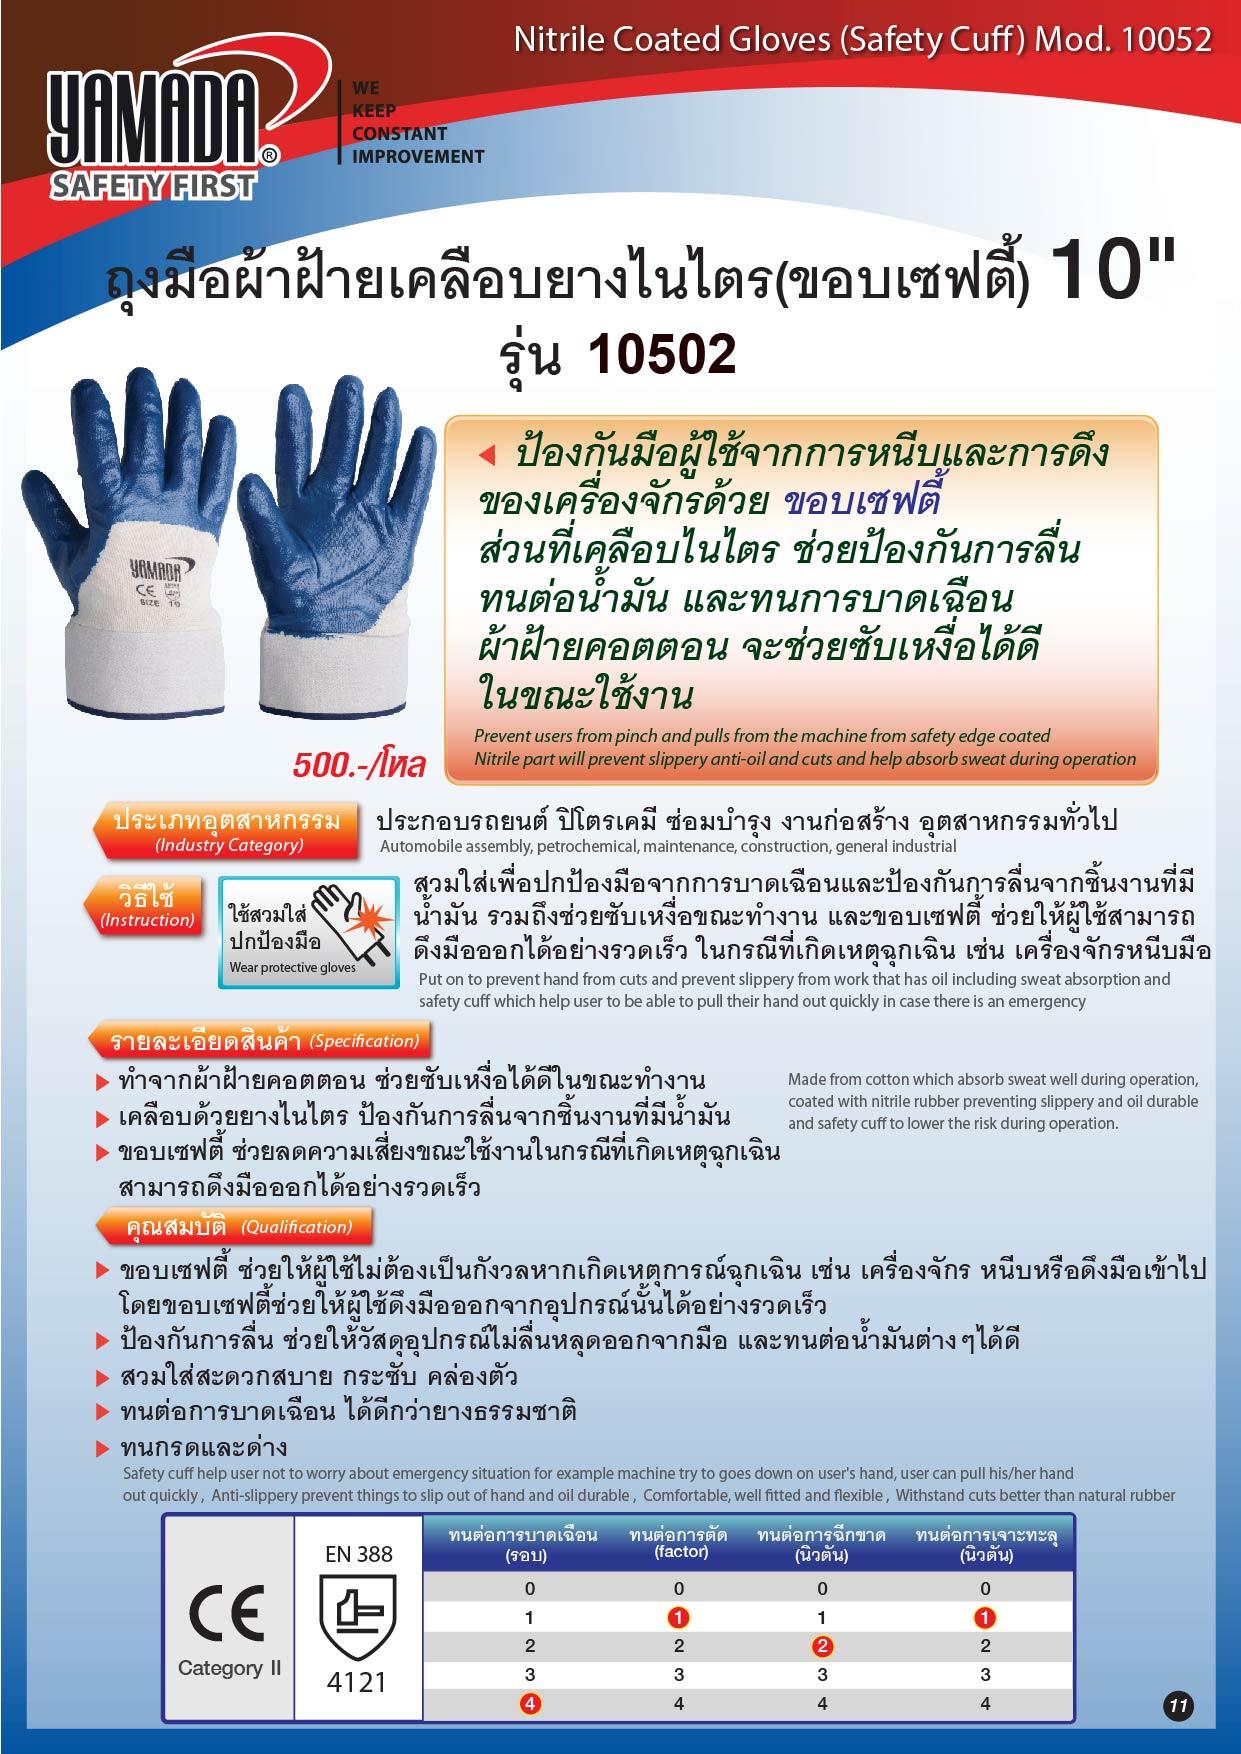 (159/267) ถุงมือผ้าฝ้ายเคลือบยางไนไตร